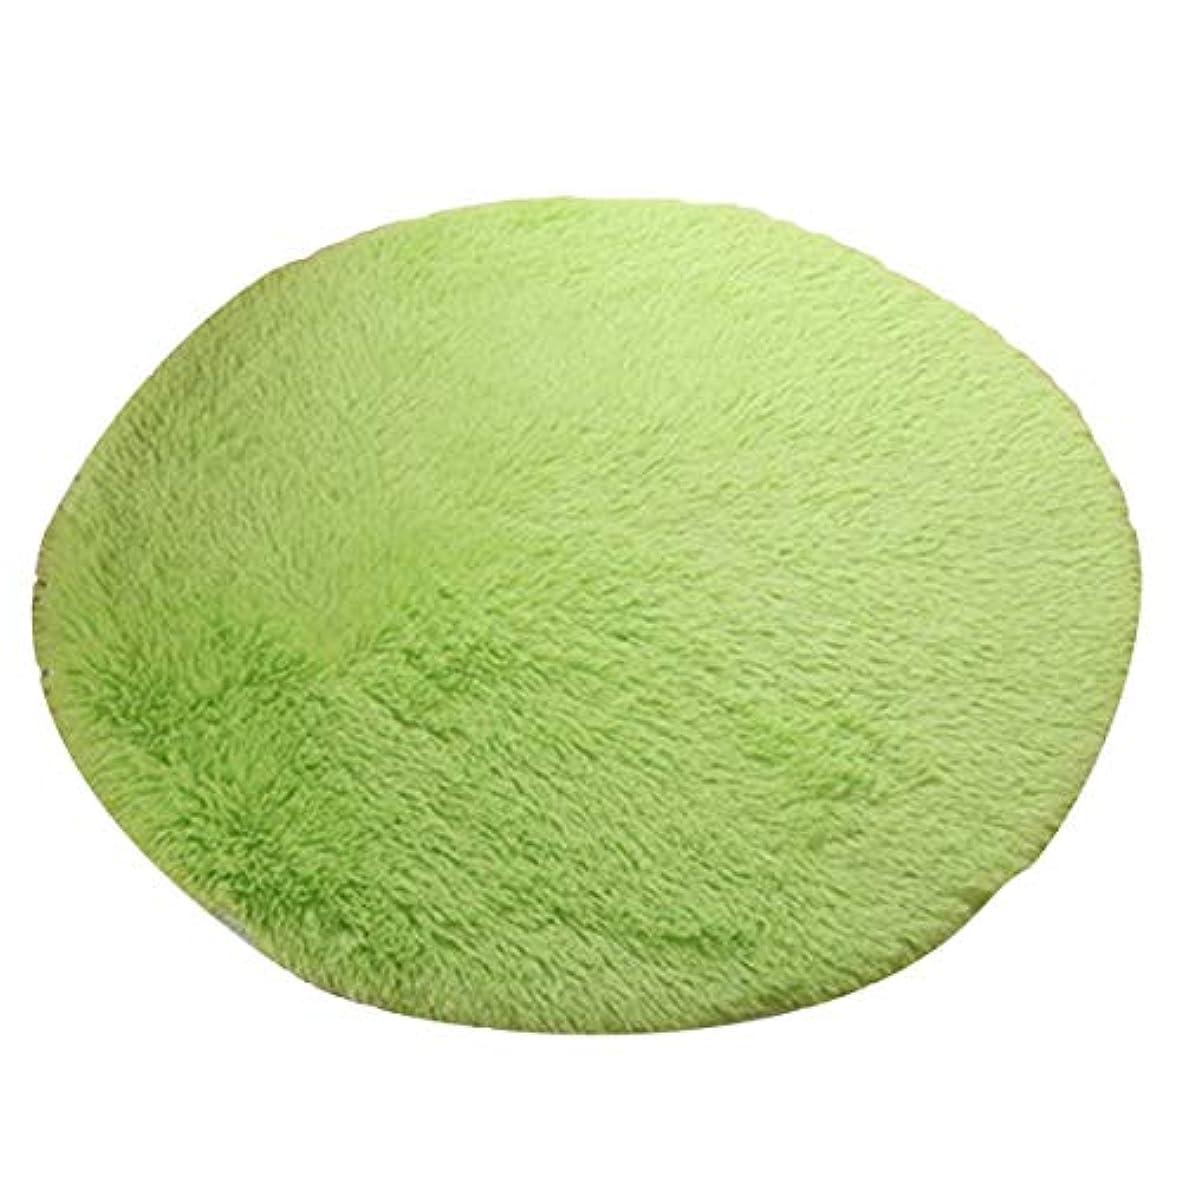 ほうき好奇心盛集中的な超柔らかい厚い屋内ラウンドモーデンエリア敷物パッド寝室のリビングルームのリビングルームの敷物毛布家の装飾のためのフットクロス-緑80 * 80 cm